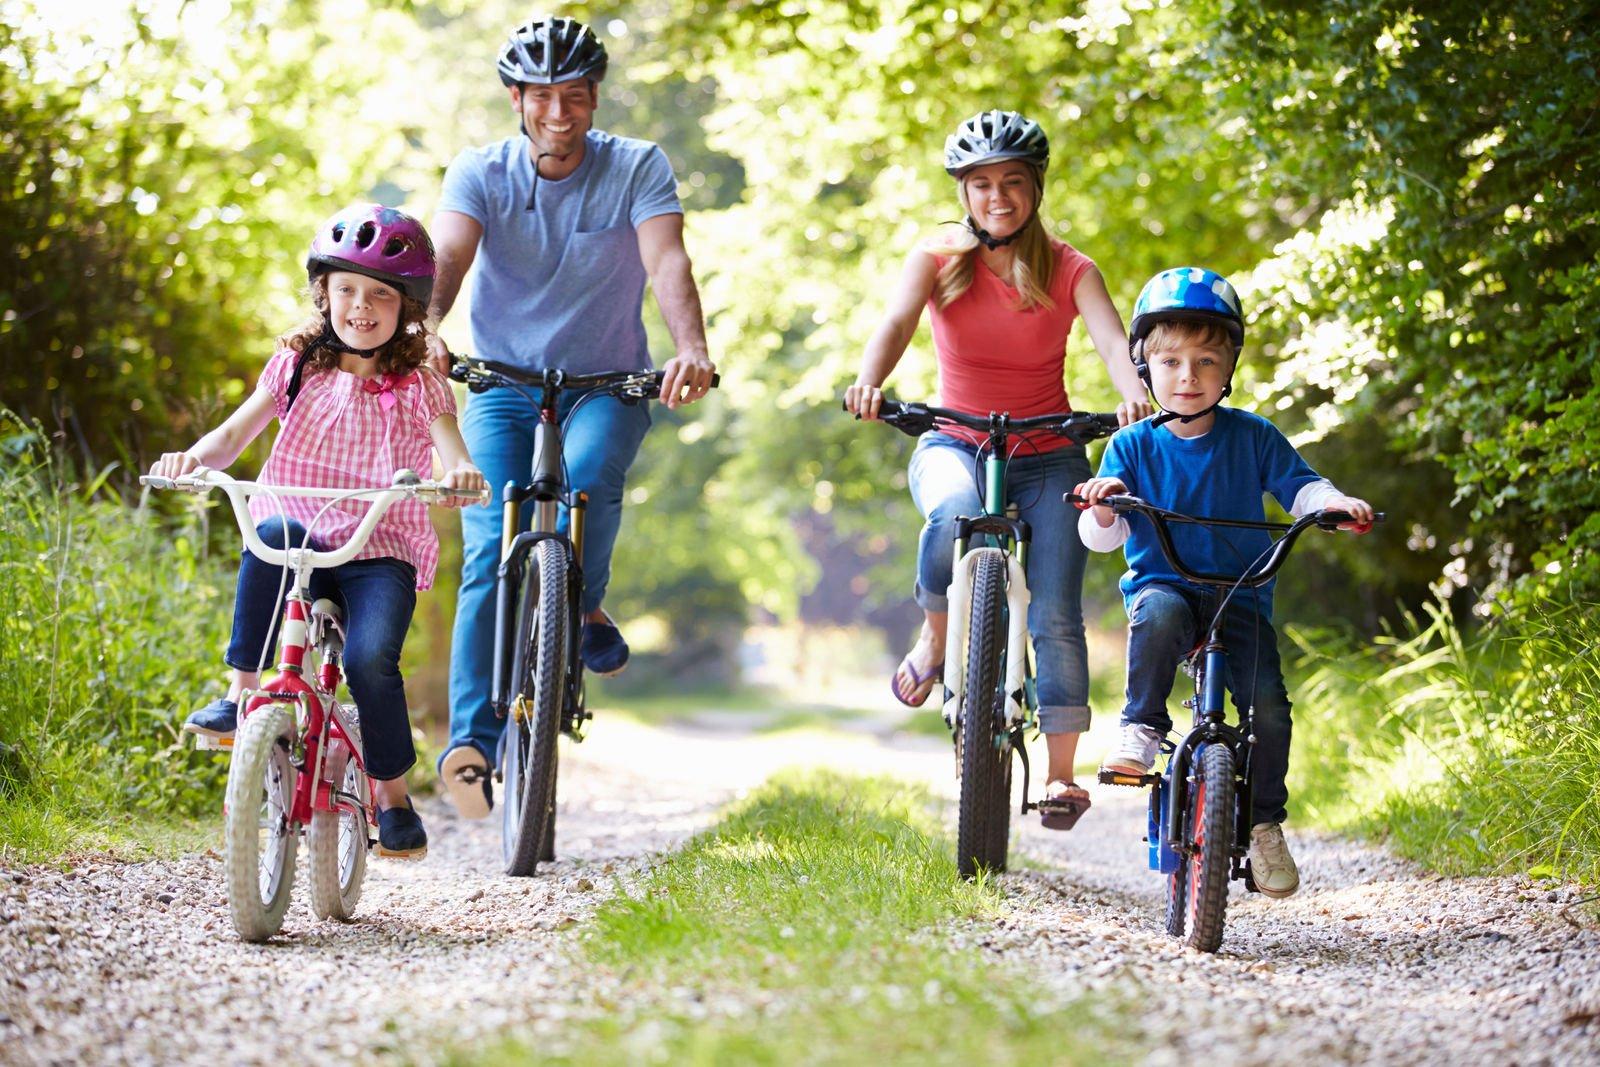 Panduan Aktiviti Fizikal Untuk Kanak-kanak